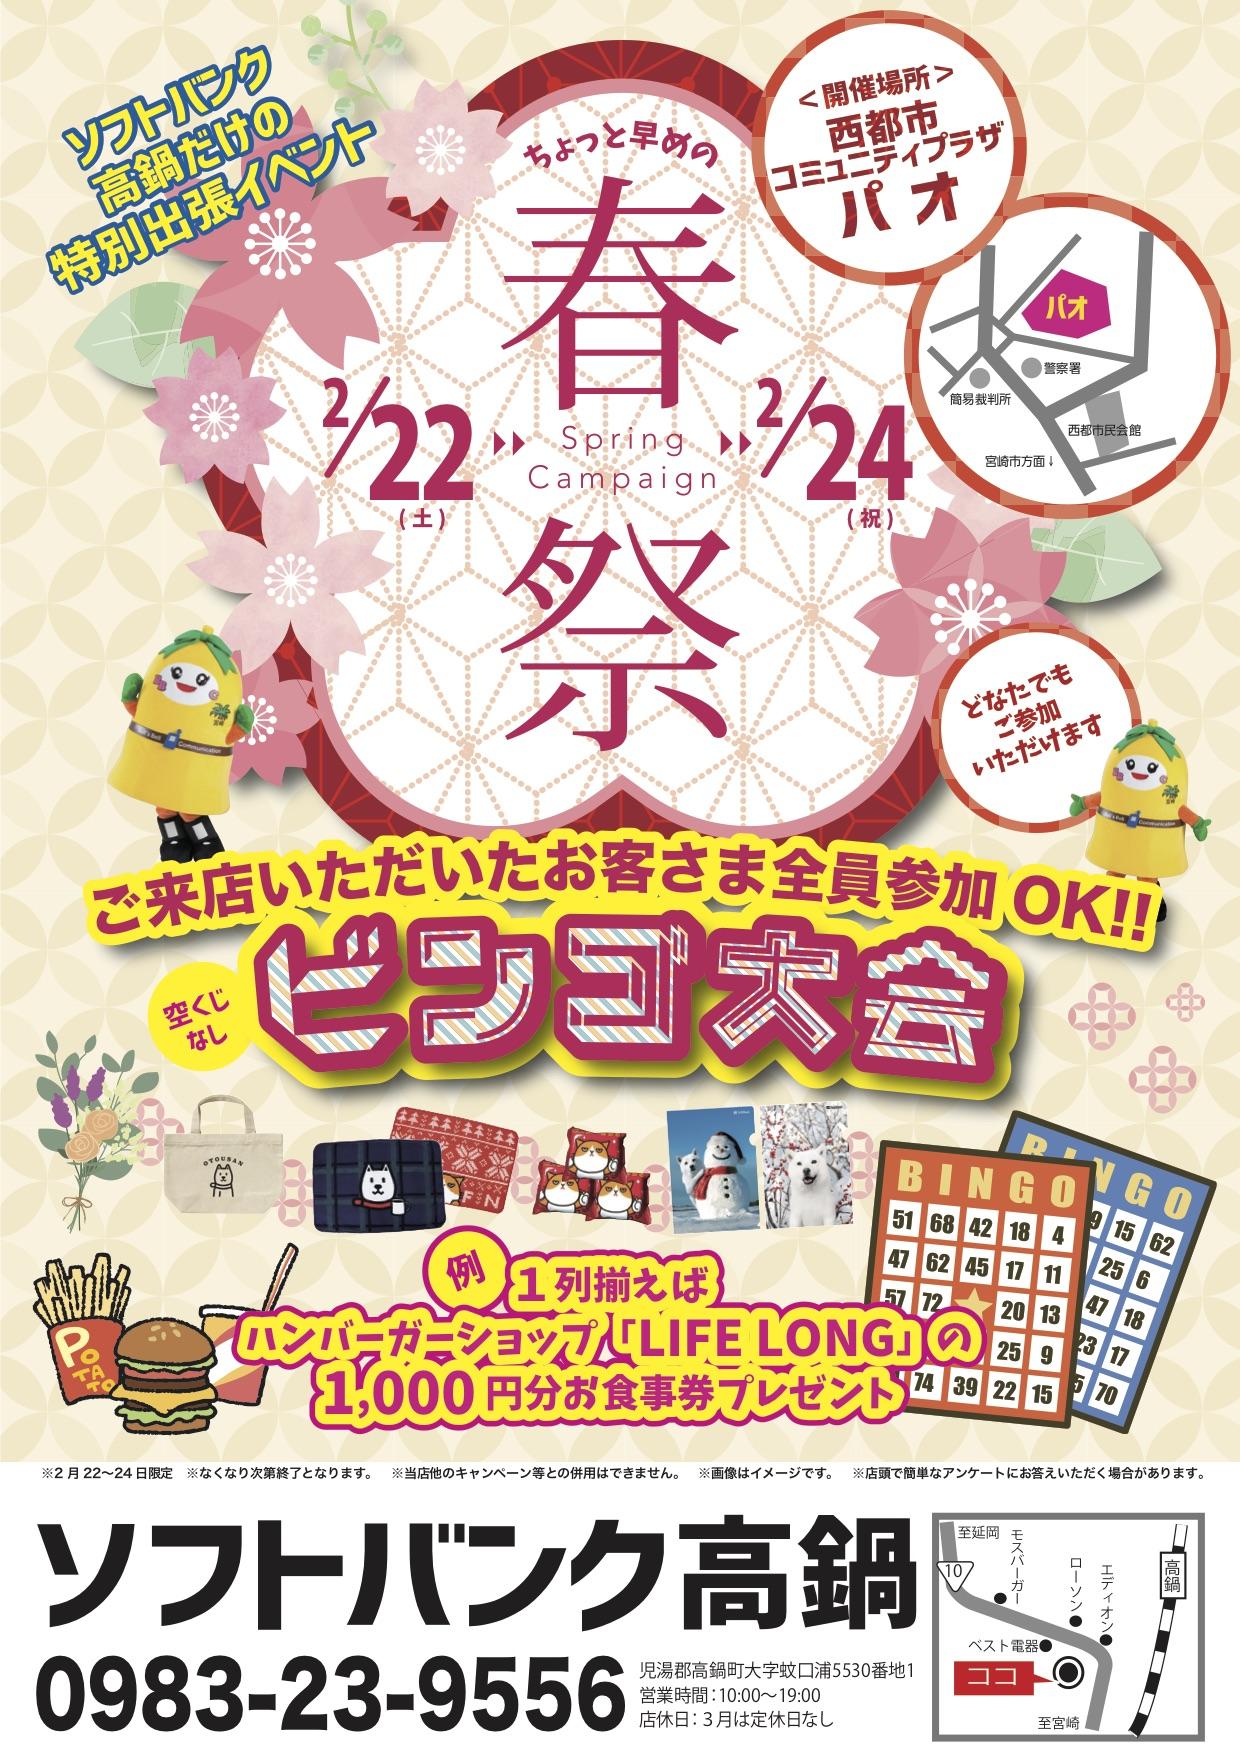 2/22〜24 ソフトバンク高鍋店出張イベント開催!イメージ